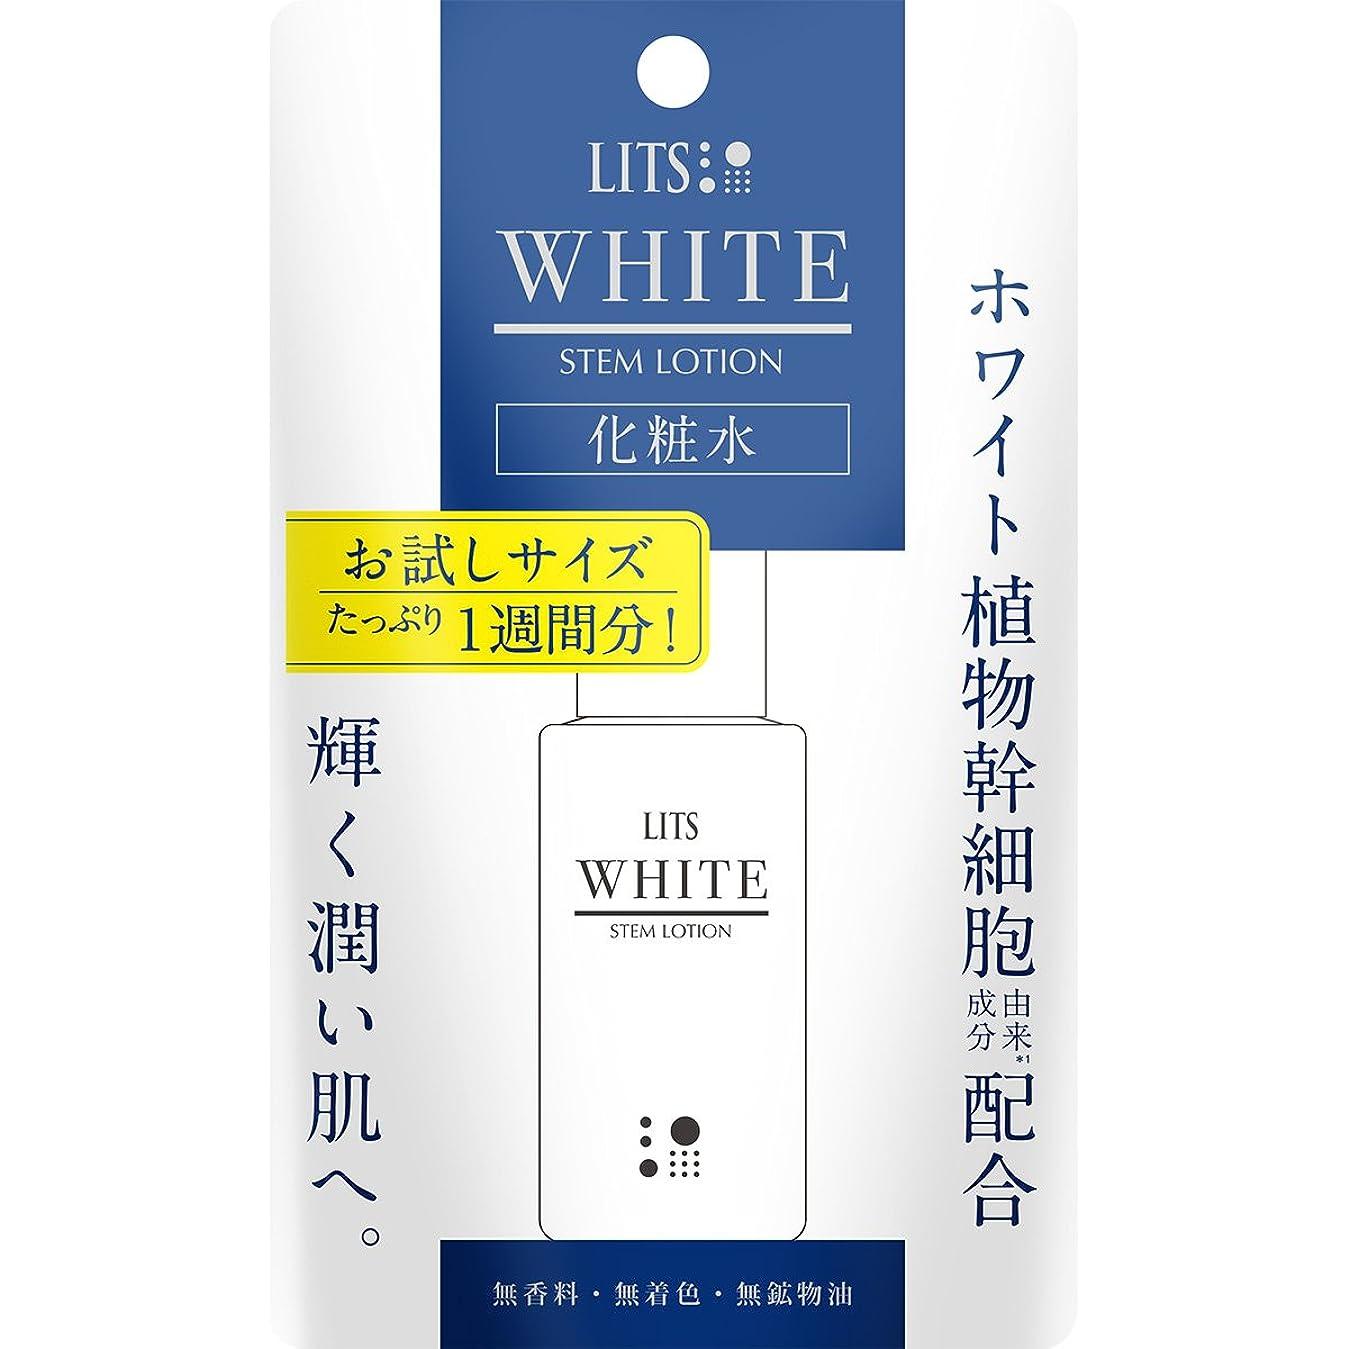 条件付き歯痛テレビリッツ ホワイト ステム ローション ミニ (美白 化粧水) 30ml